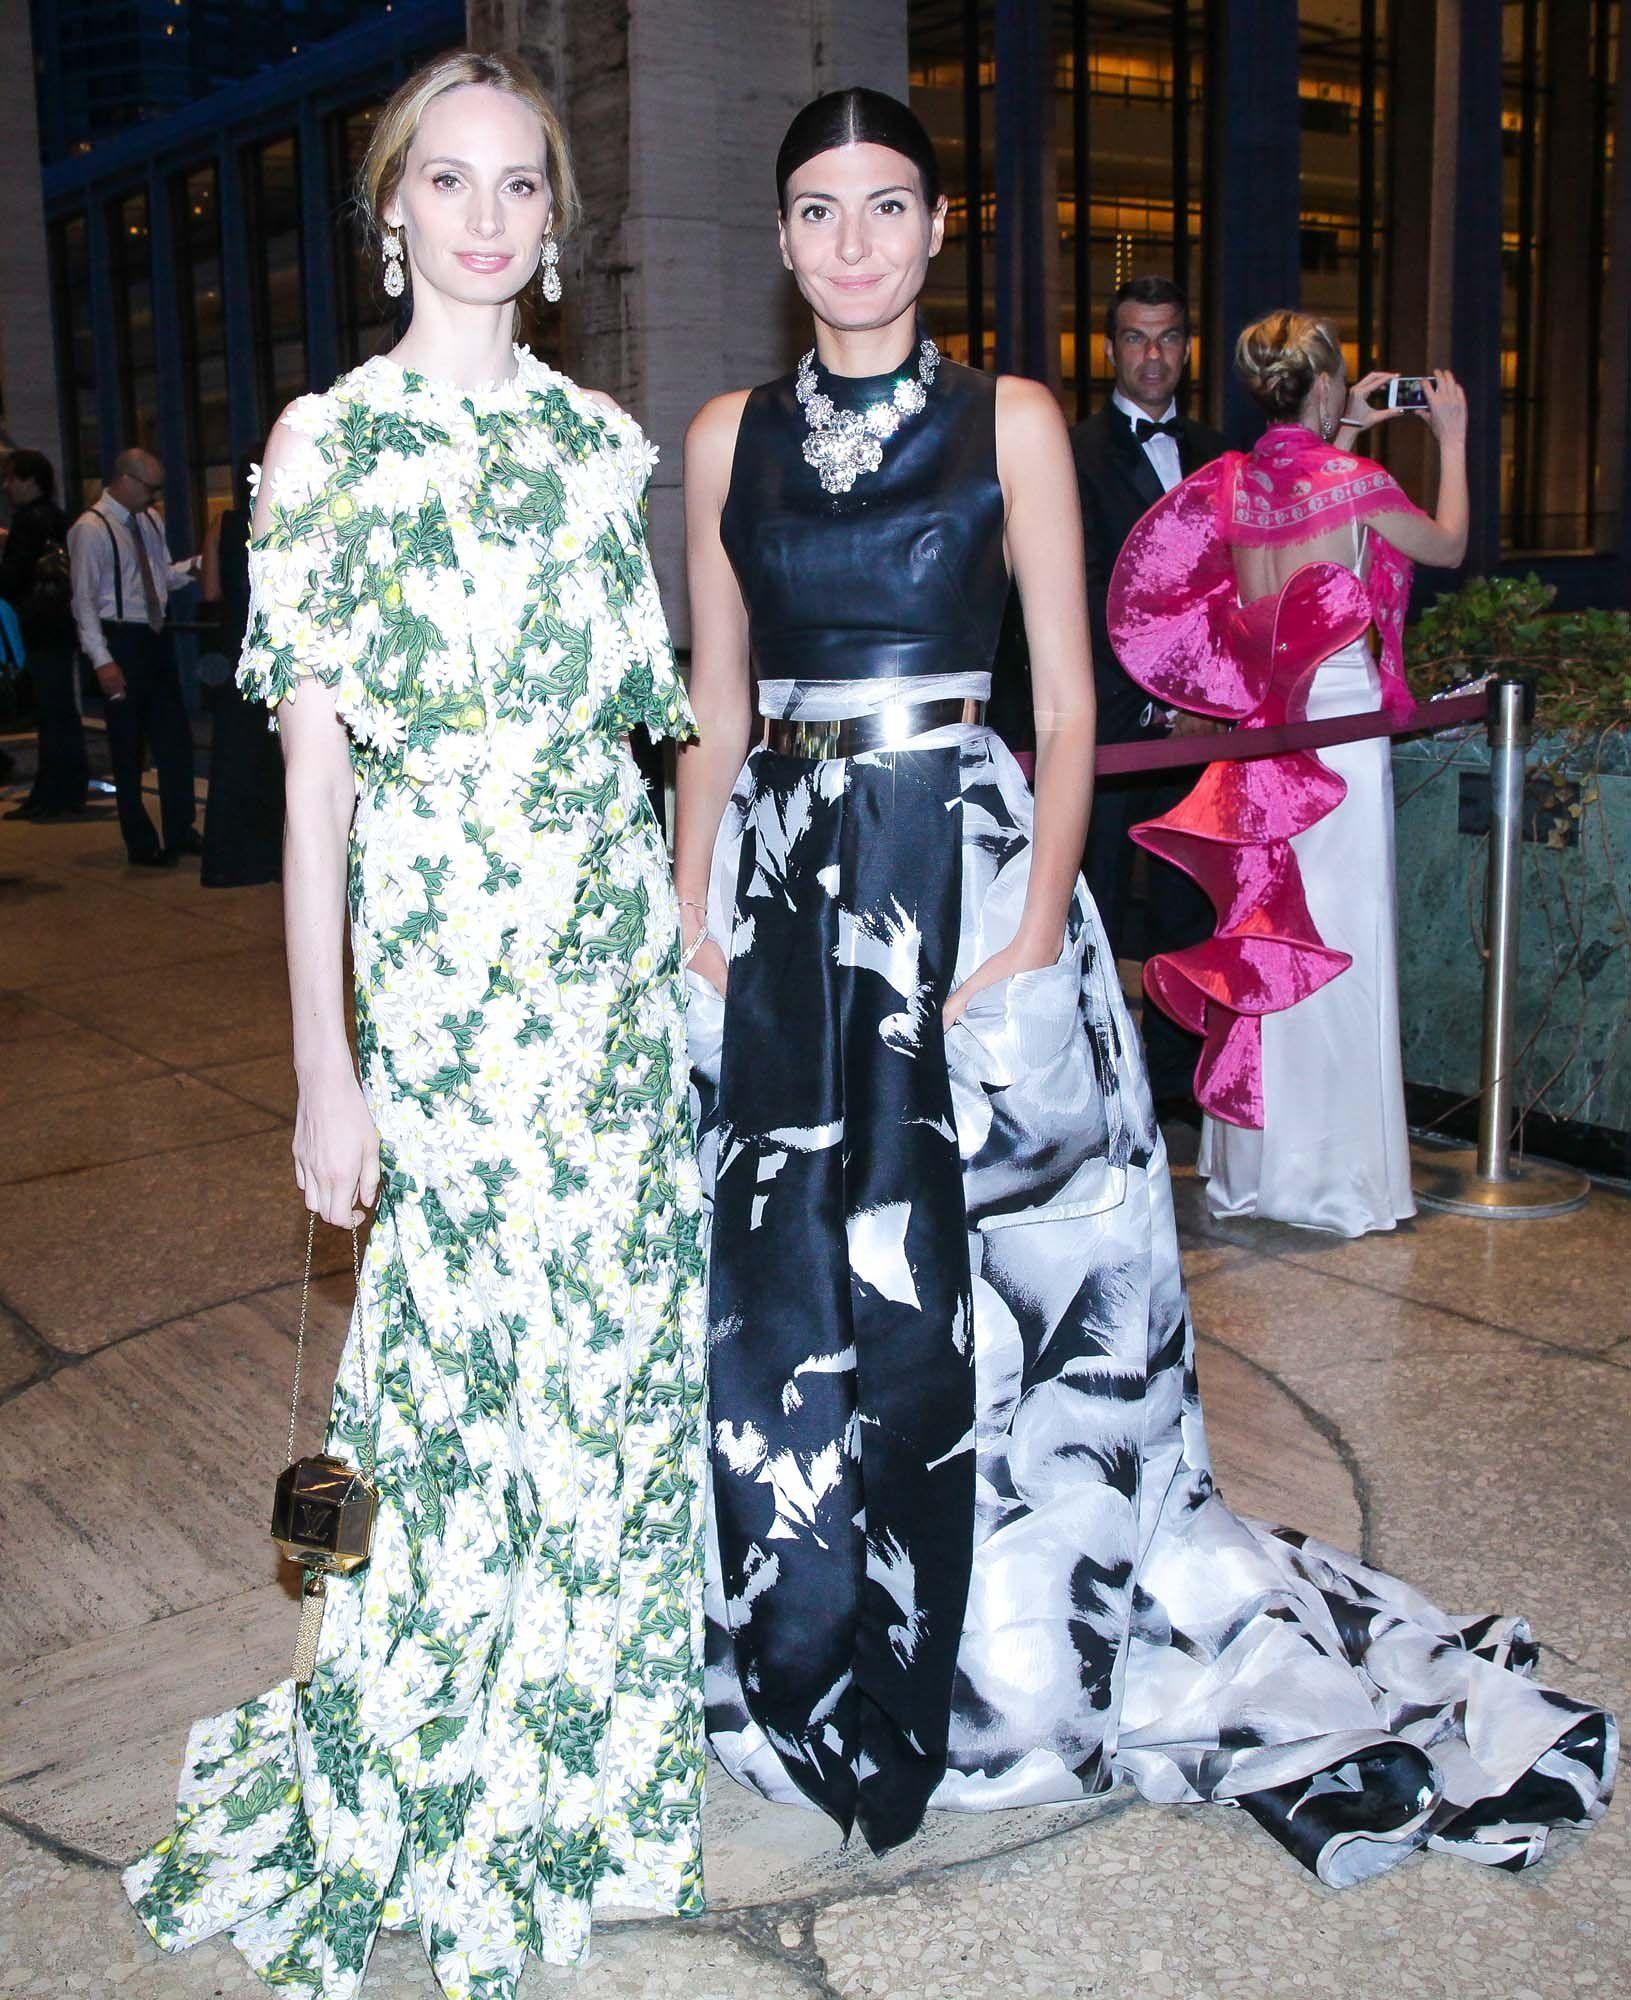 Lauren Santo Domingo in Giambattista Valli Haute Couture and Giovanna Battaglia in Carolina Herrera